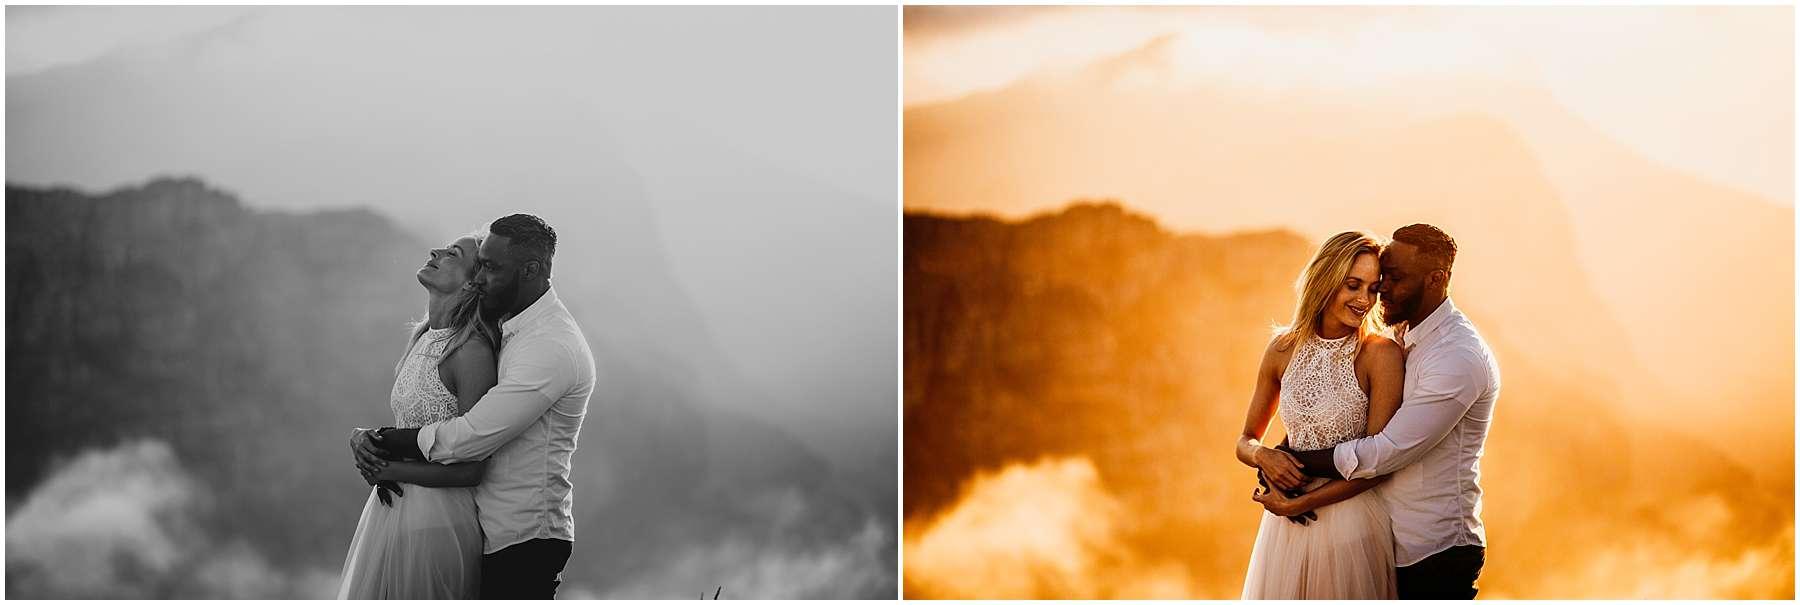 LOTTYH-South-Africa-Elopement-Photographer_0023.jpg